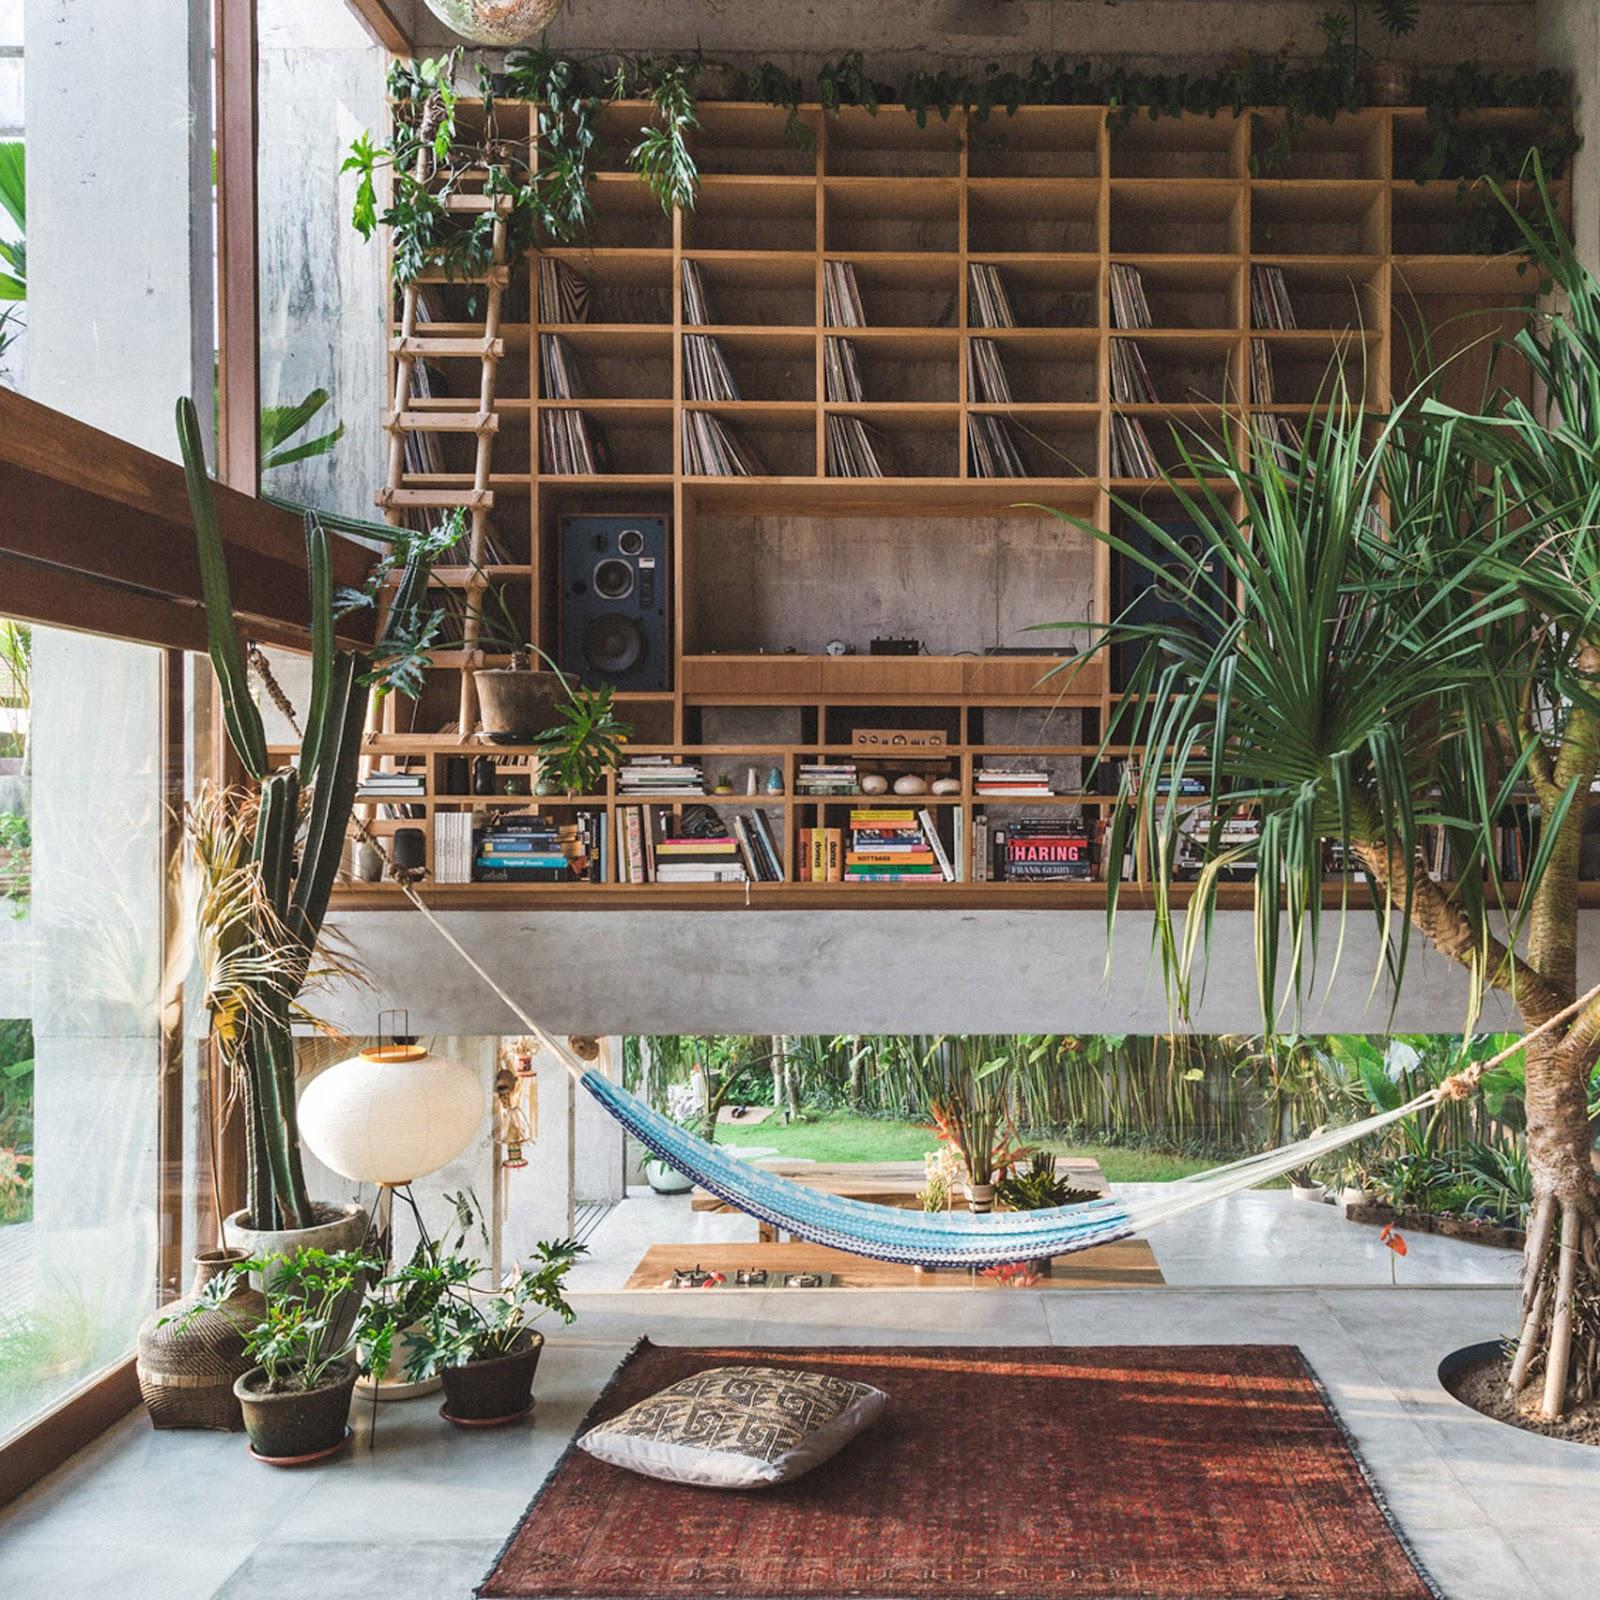 Inspirasi hunian bergaya tropikal yang nyaman dan santai - source: dezeen.com